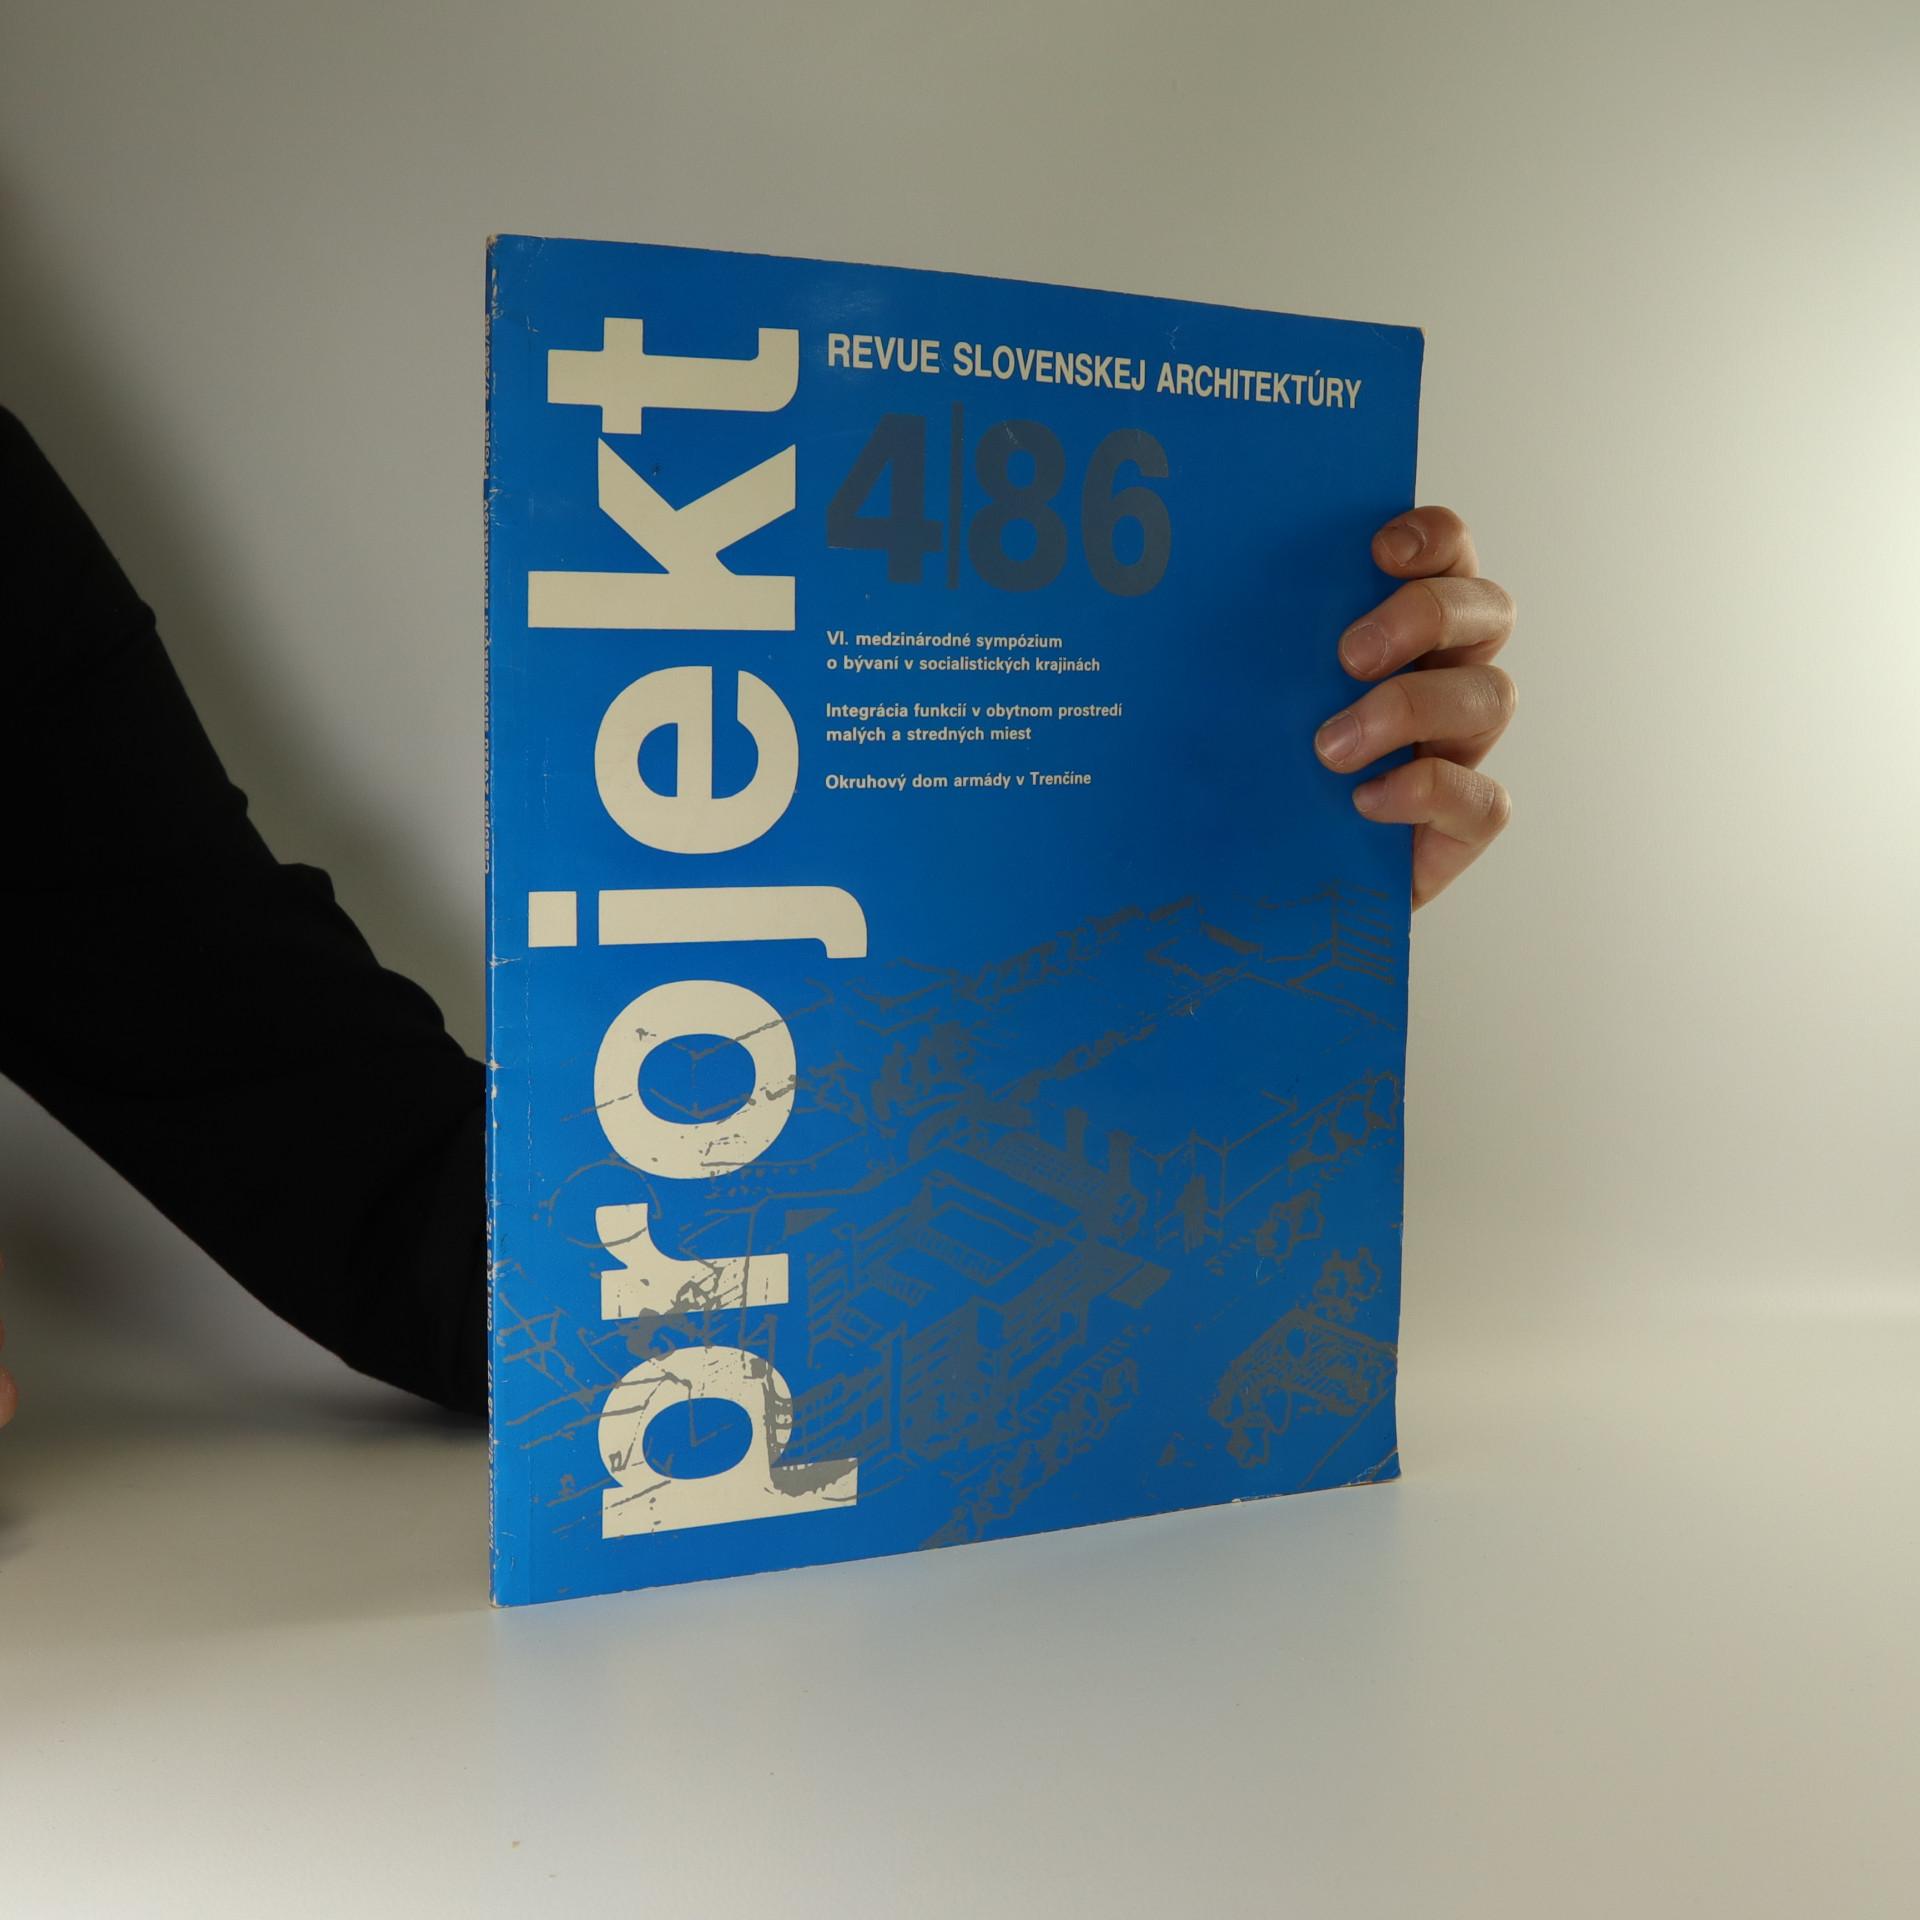 antikvární kniha Projekt. Revue slovenskej architektúry (ročník XXVIII., číslo 4/296/86), 1986